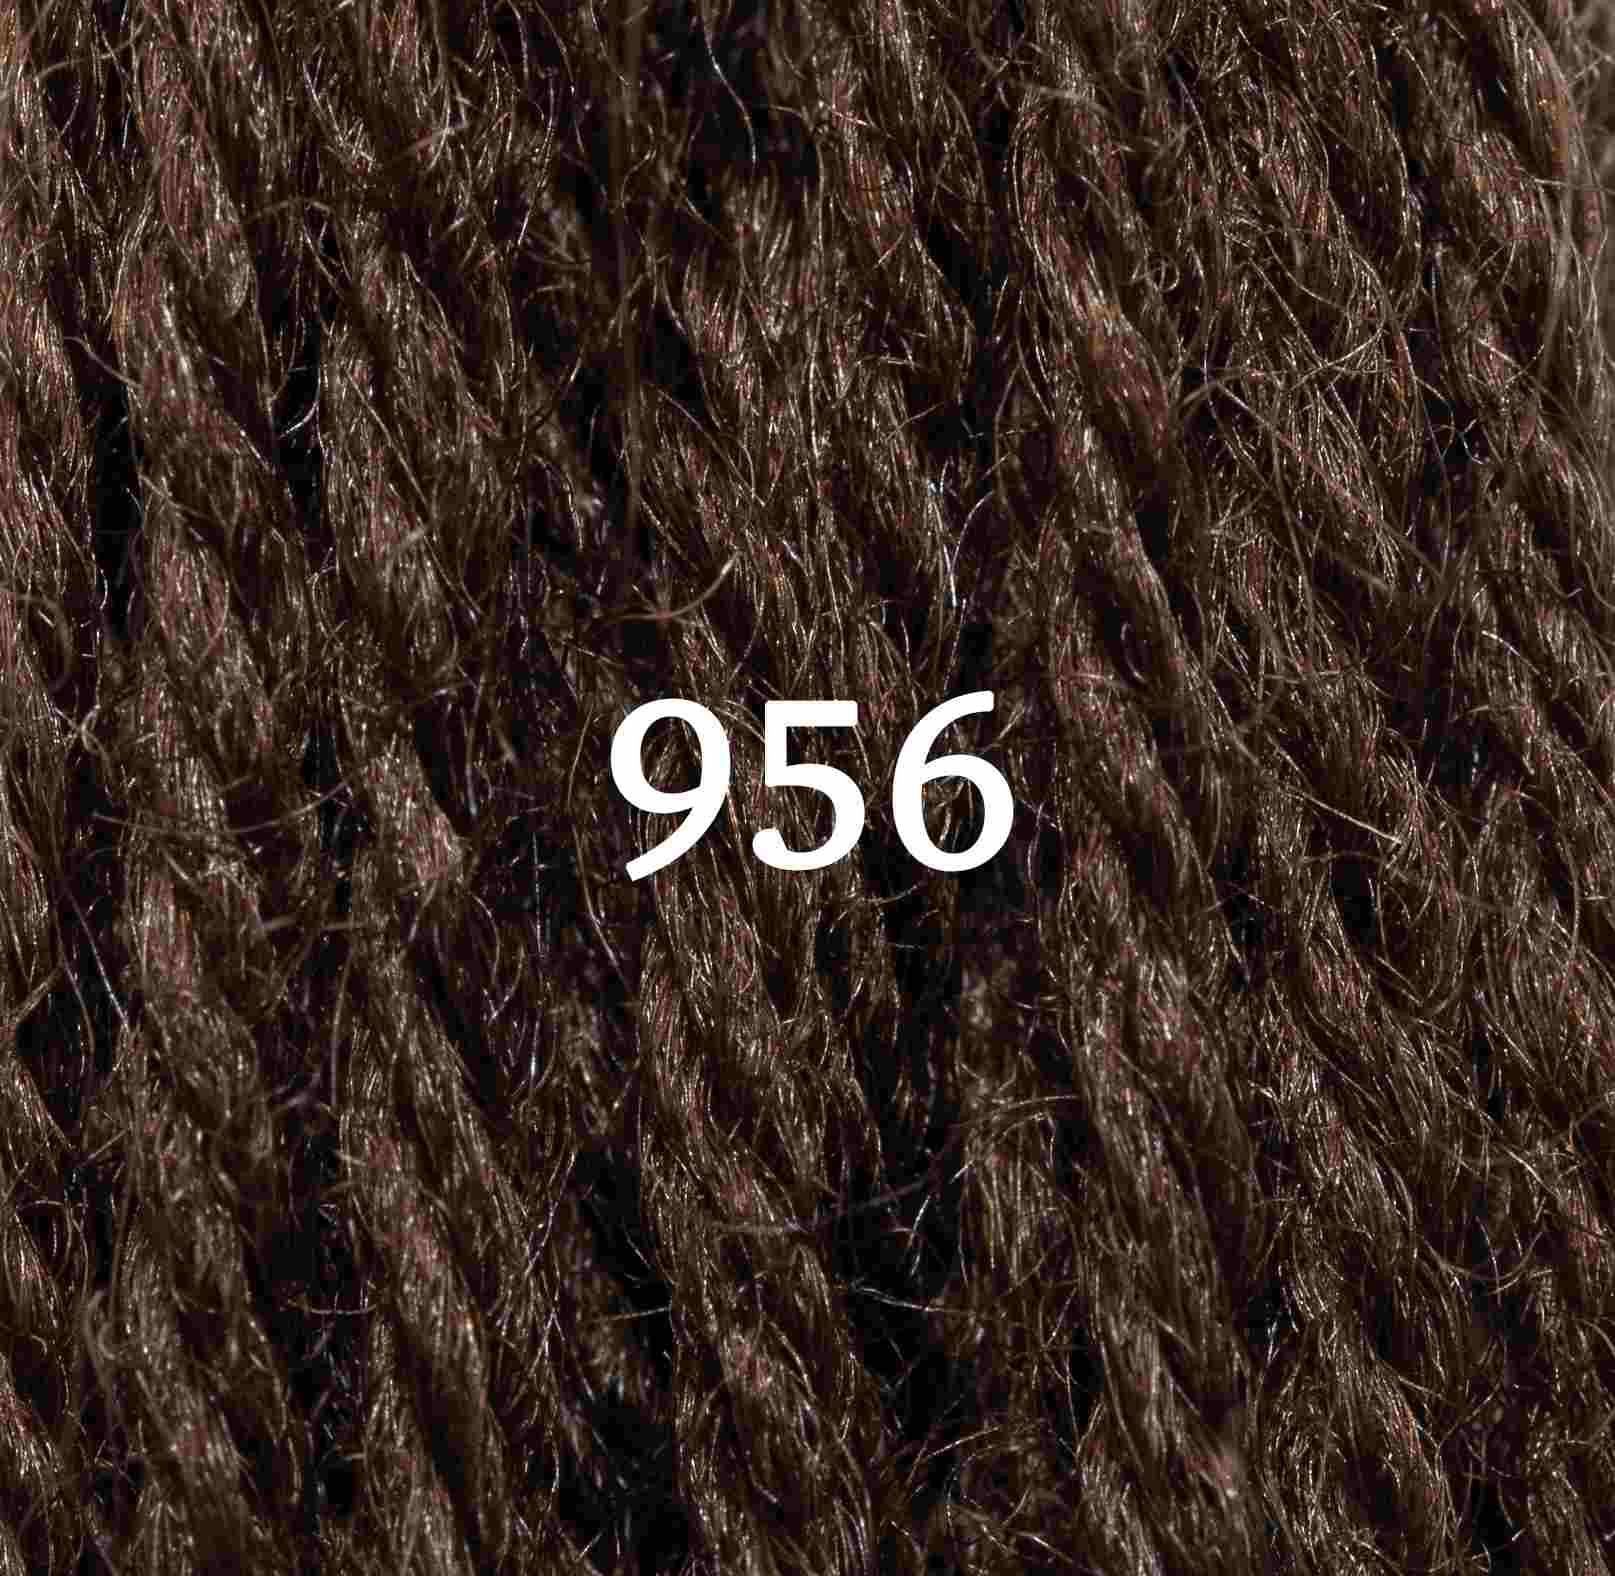 Drab-Fawn-956